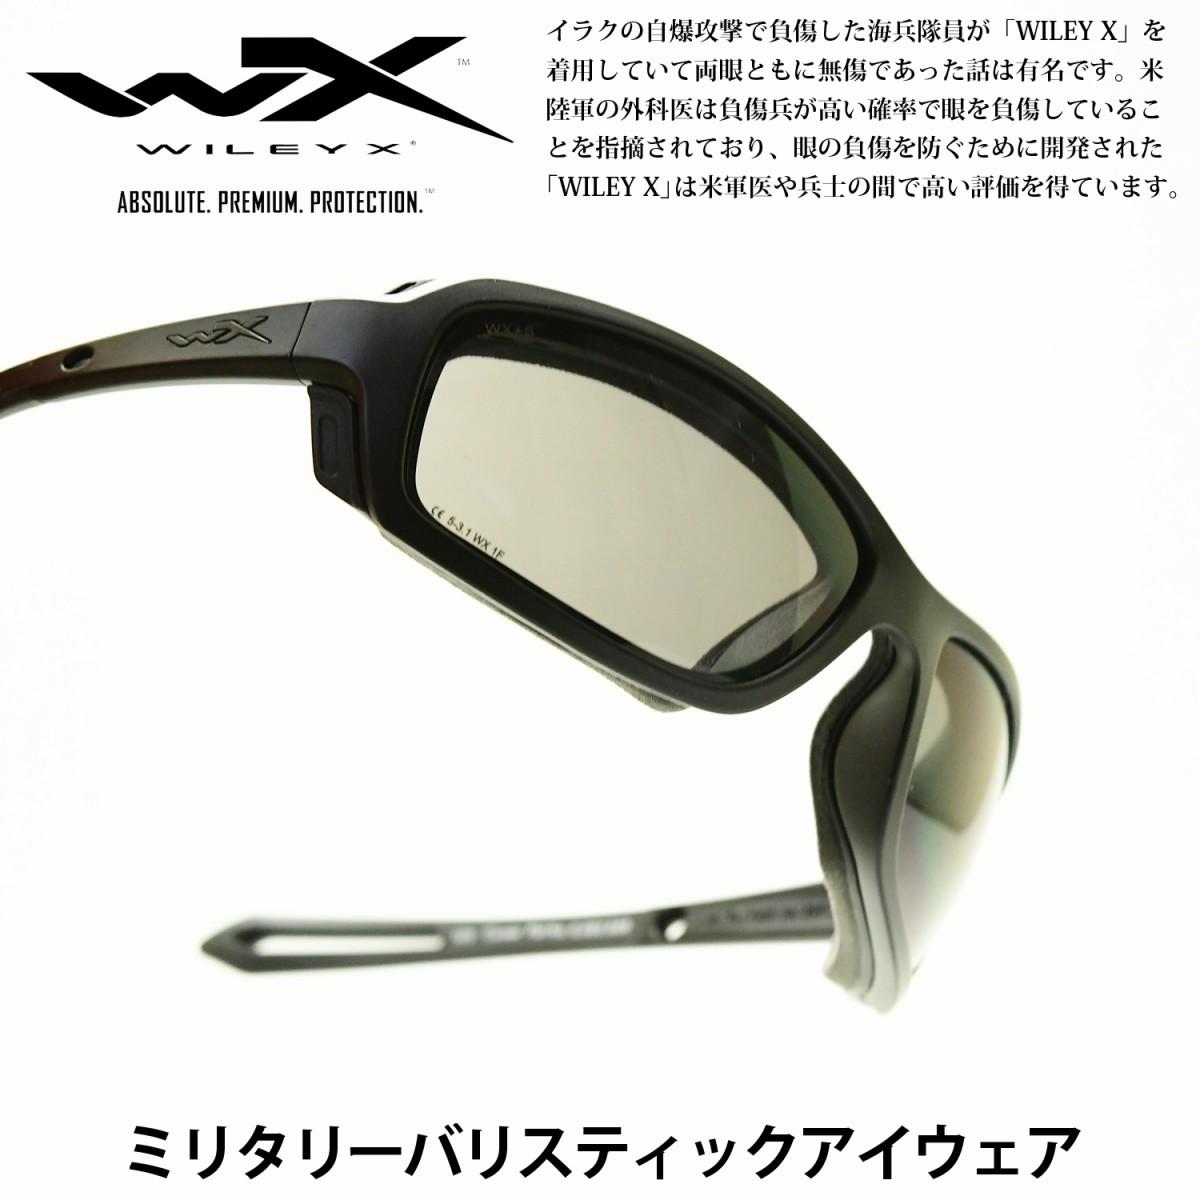 WILEY X ワイリーエックスWAVE ウェーブMatte Black/Smoke Greyメガネ 眼鏡 めがね メンズ レディース おしゃれ ブランド おすすめ フレーム 度付き レンズ サングラス